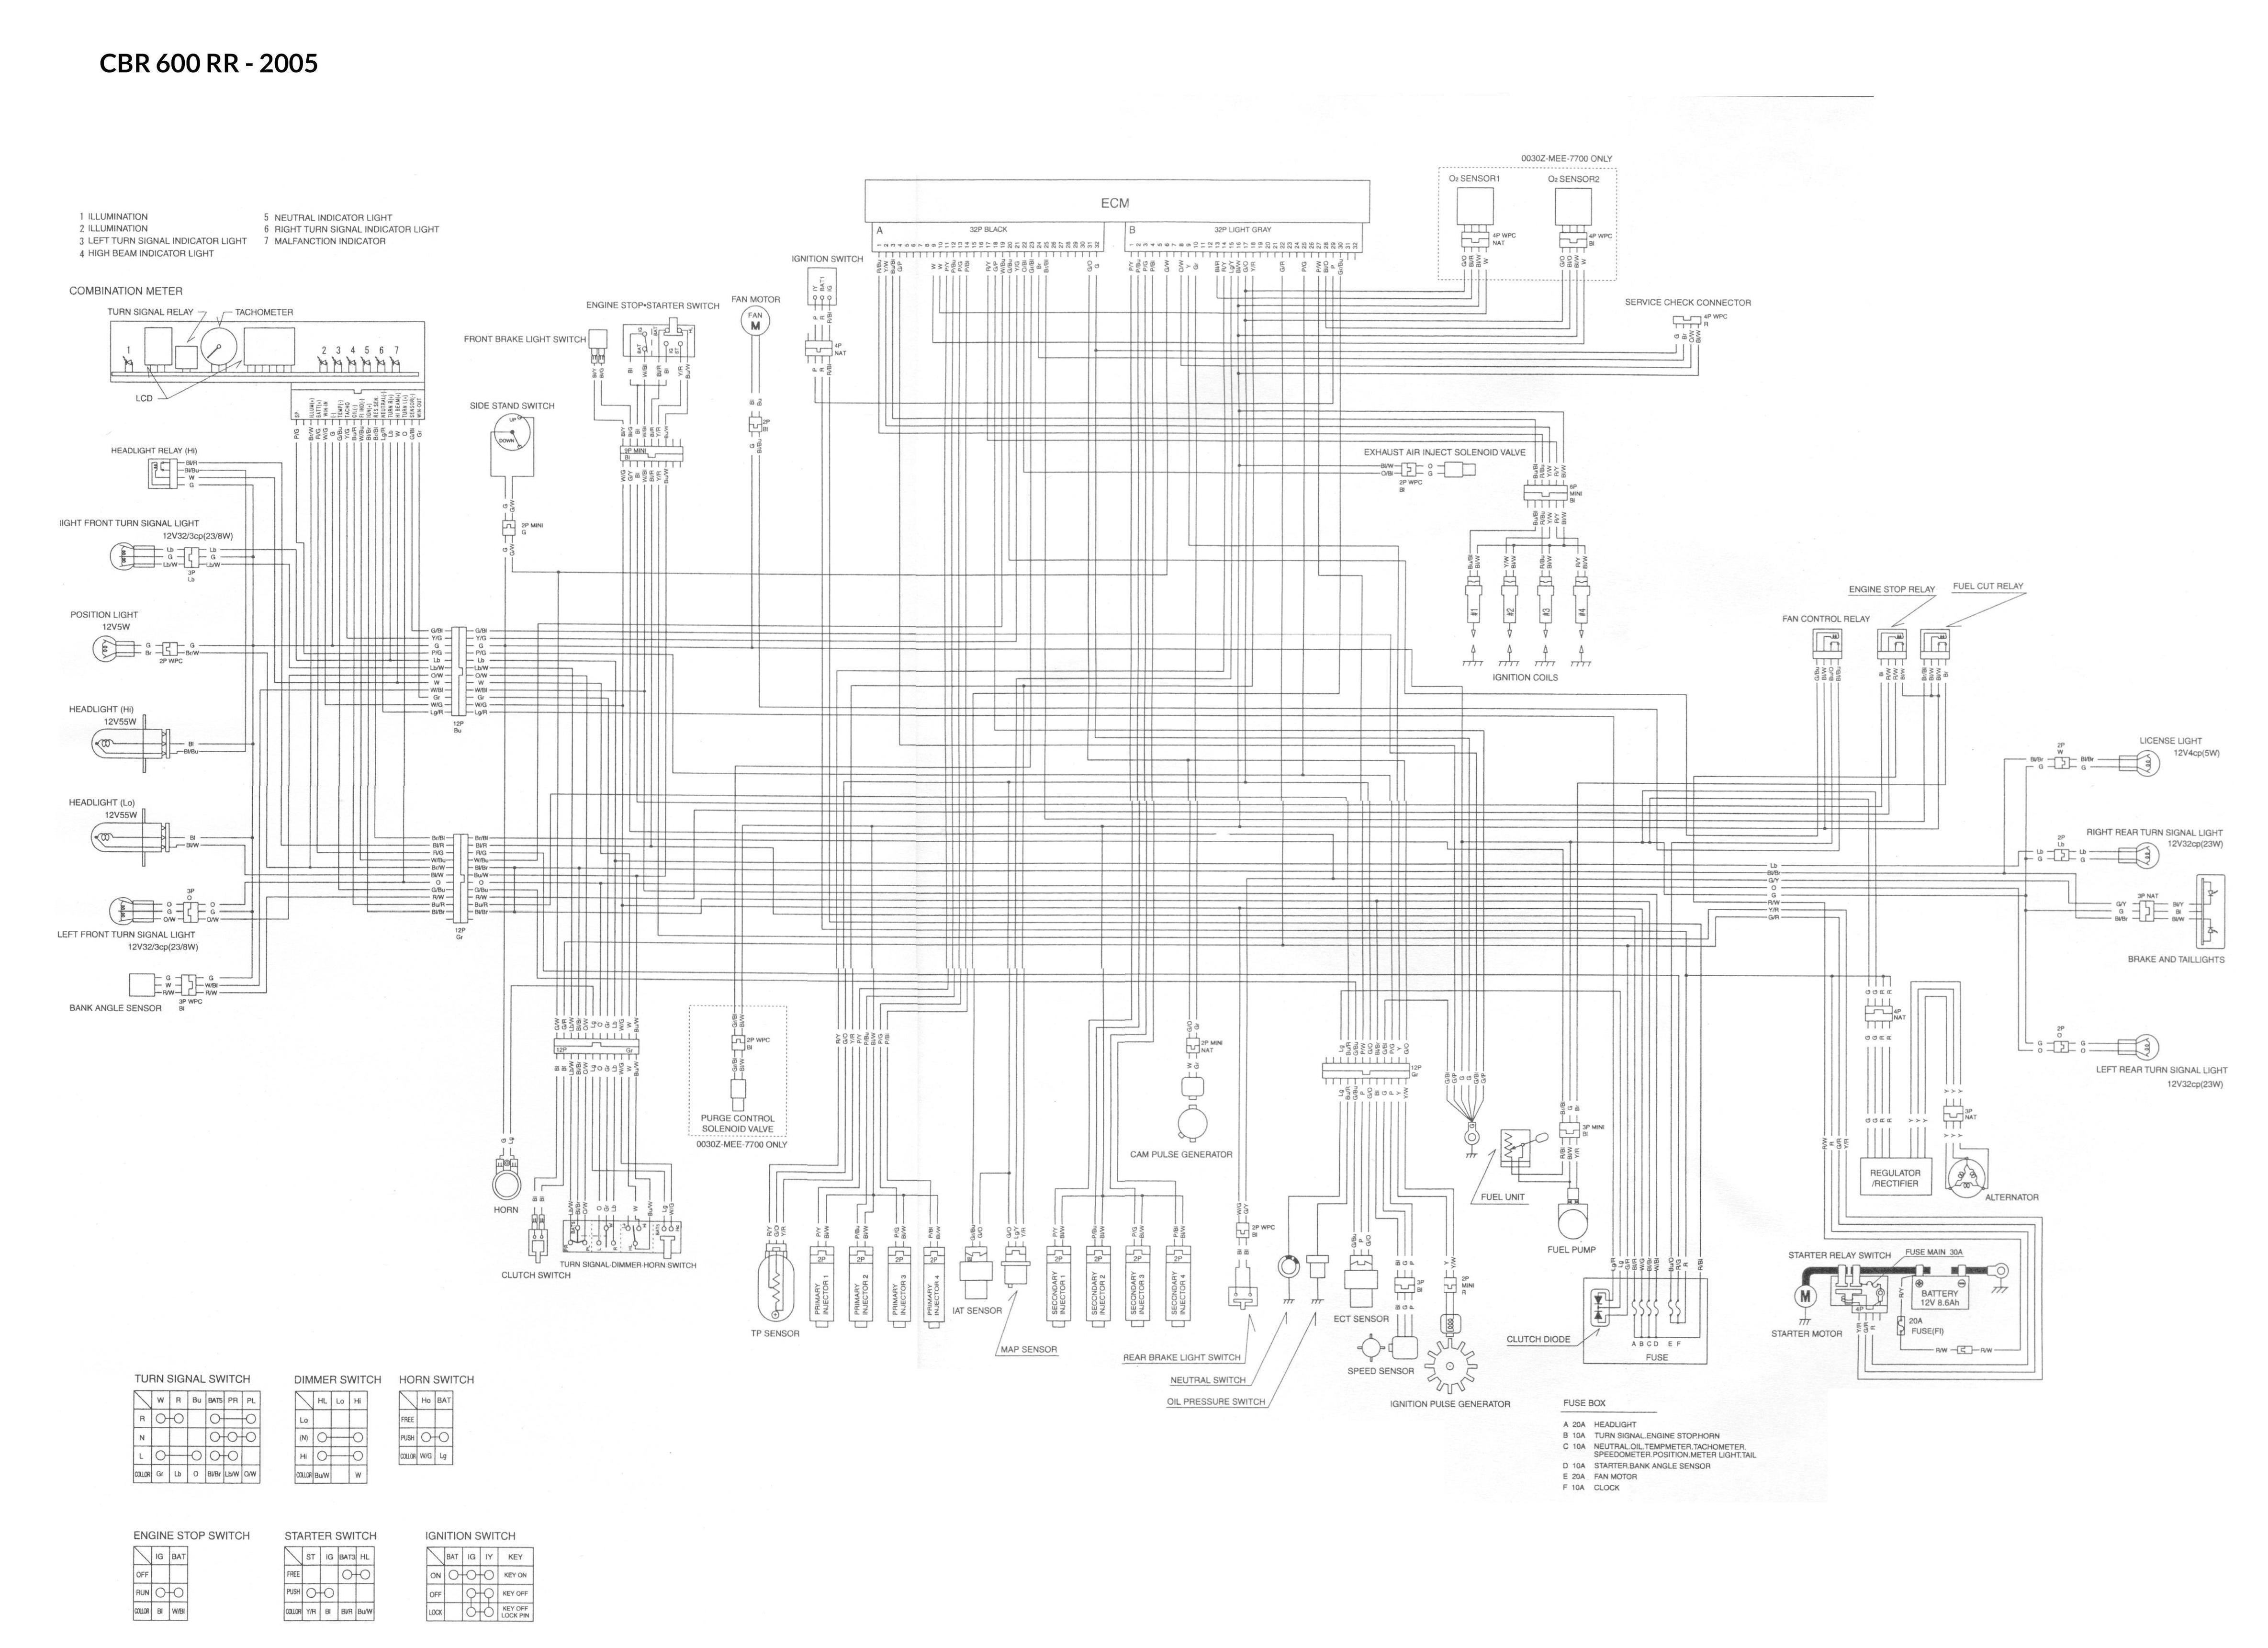 Honda Cbr600rr 05 Wiring Jpg  1014 Kb